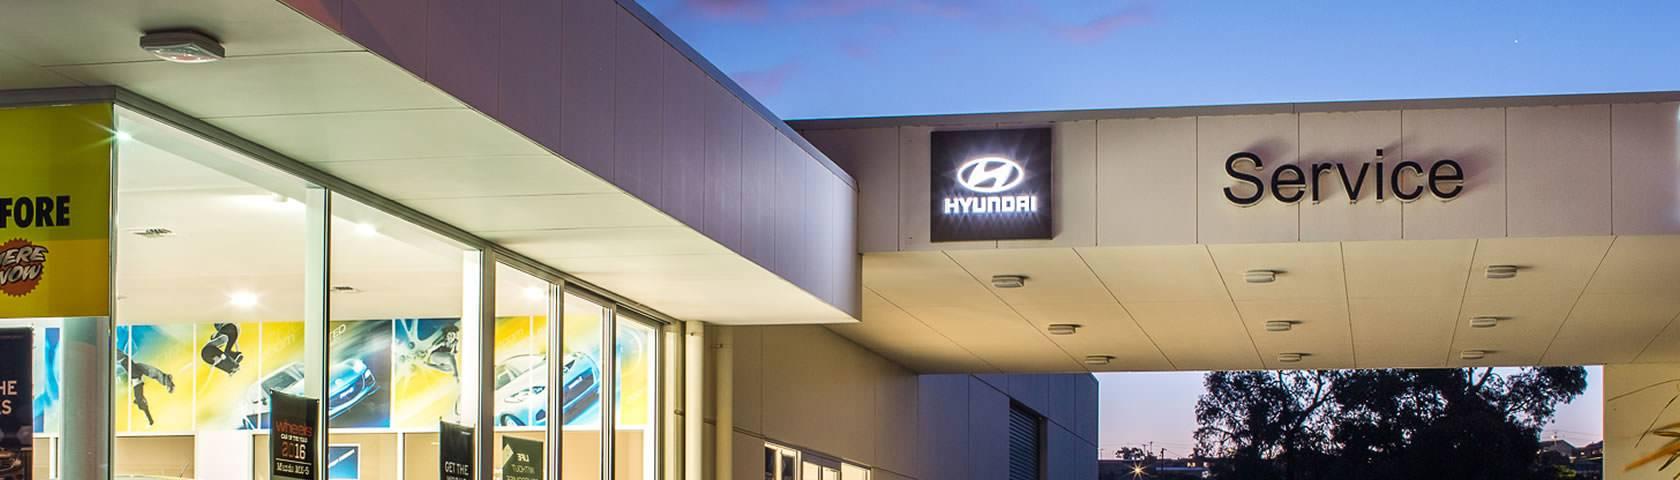 Port Lincoln Hyundai Service Centre